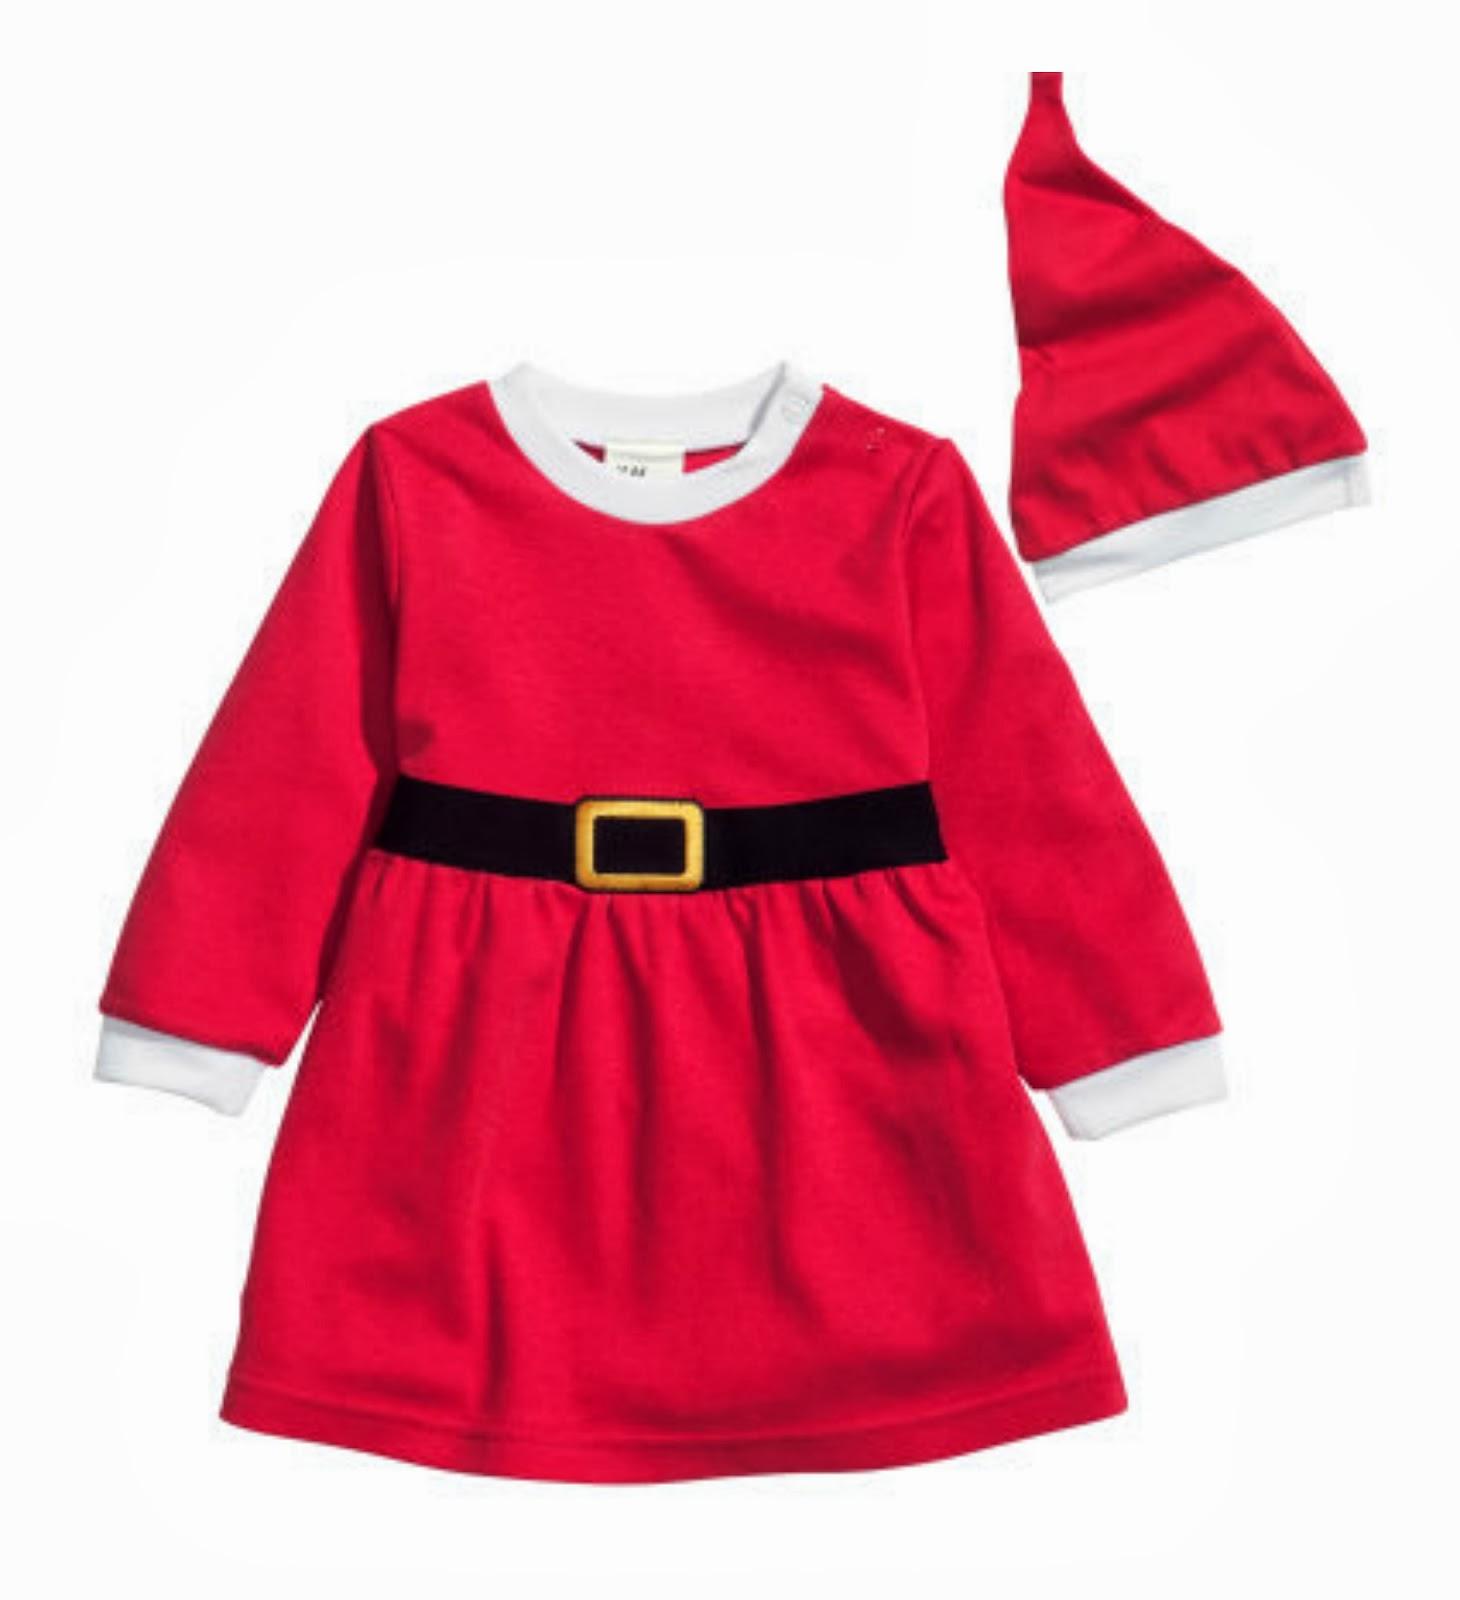 Vestir o no vestir de navidad a los ni os m s alla - Disfraz de navidad para bebes ...